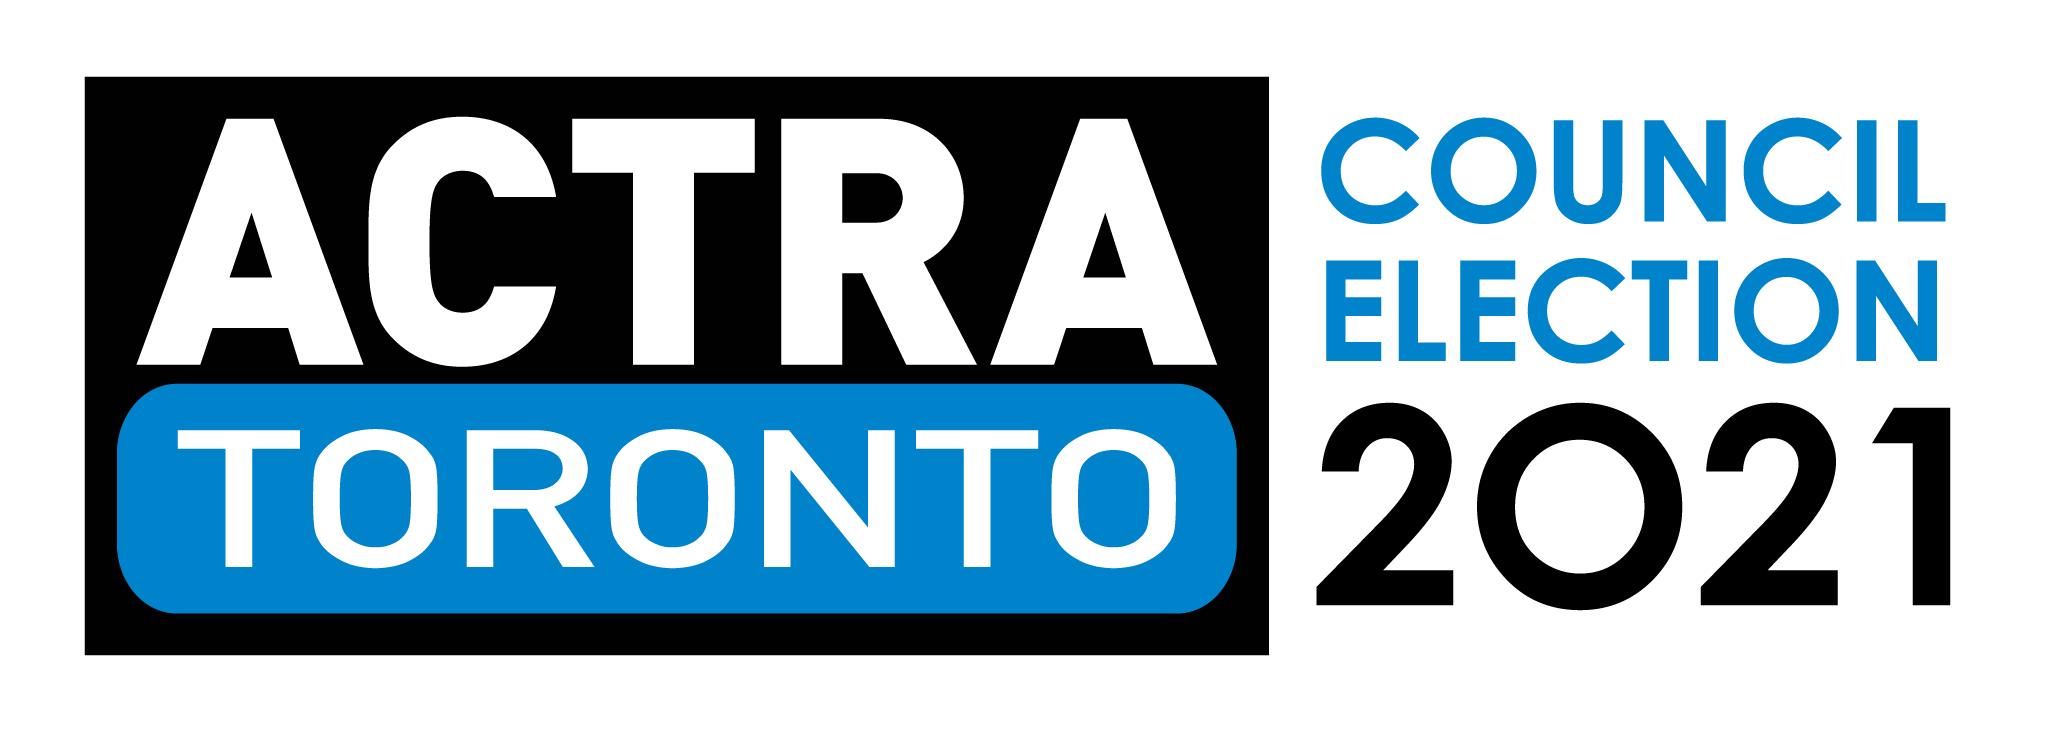 ACTRA TORONTO COUNCIL ELECTION GUIDE 2021